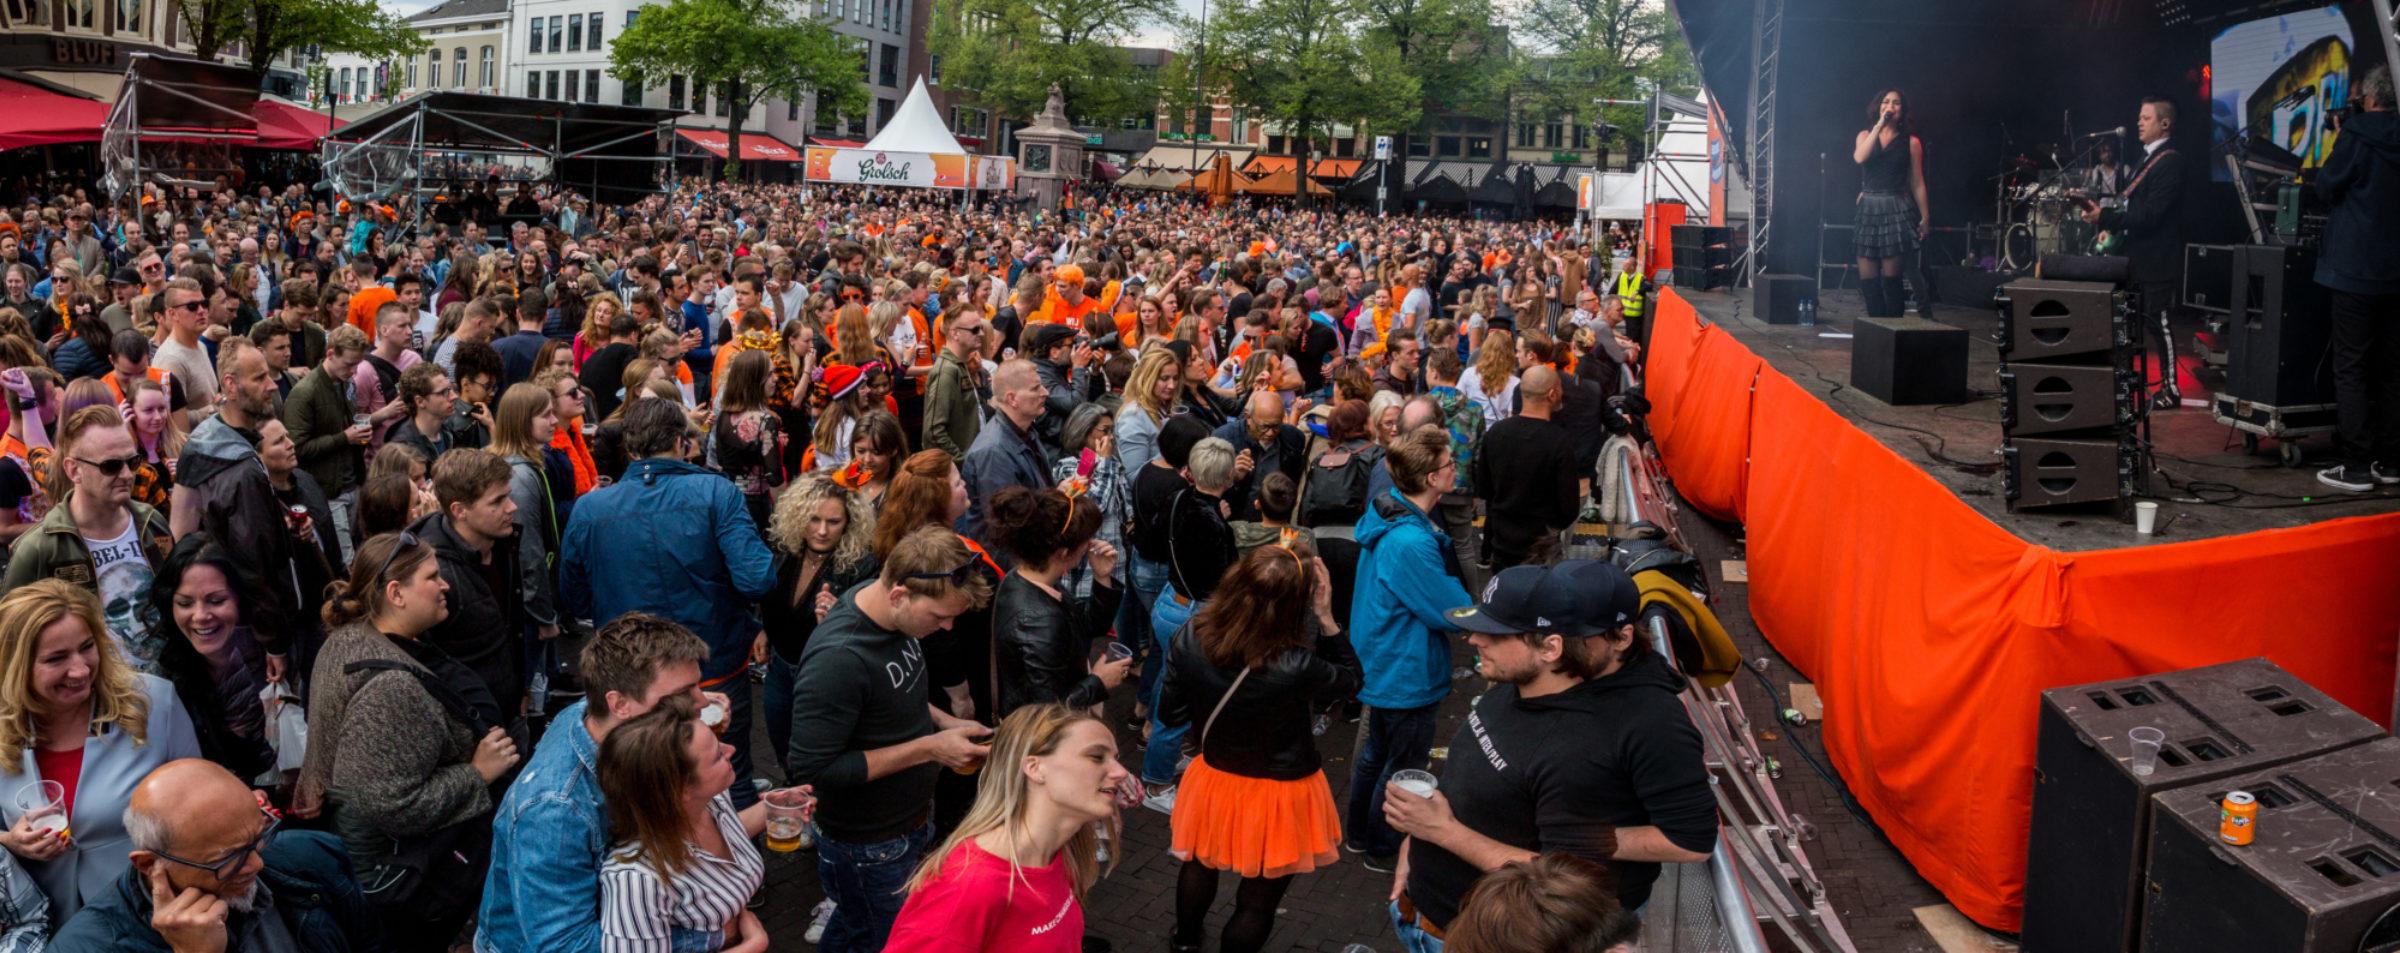 Nieuw evenementen in Enschede